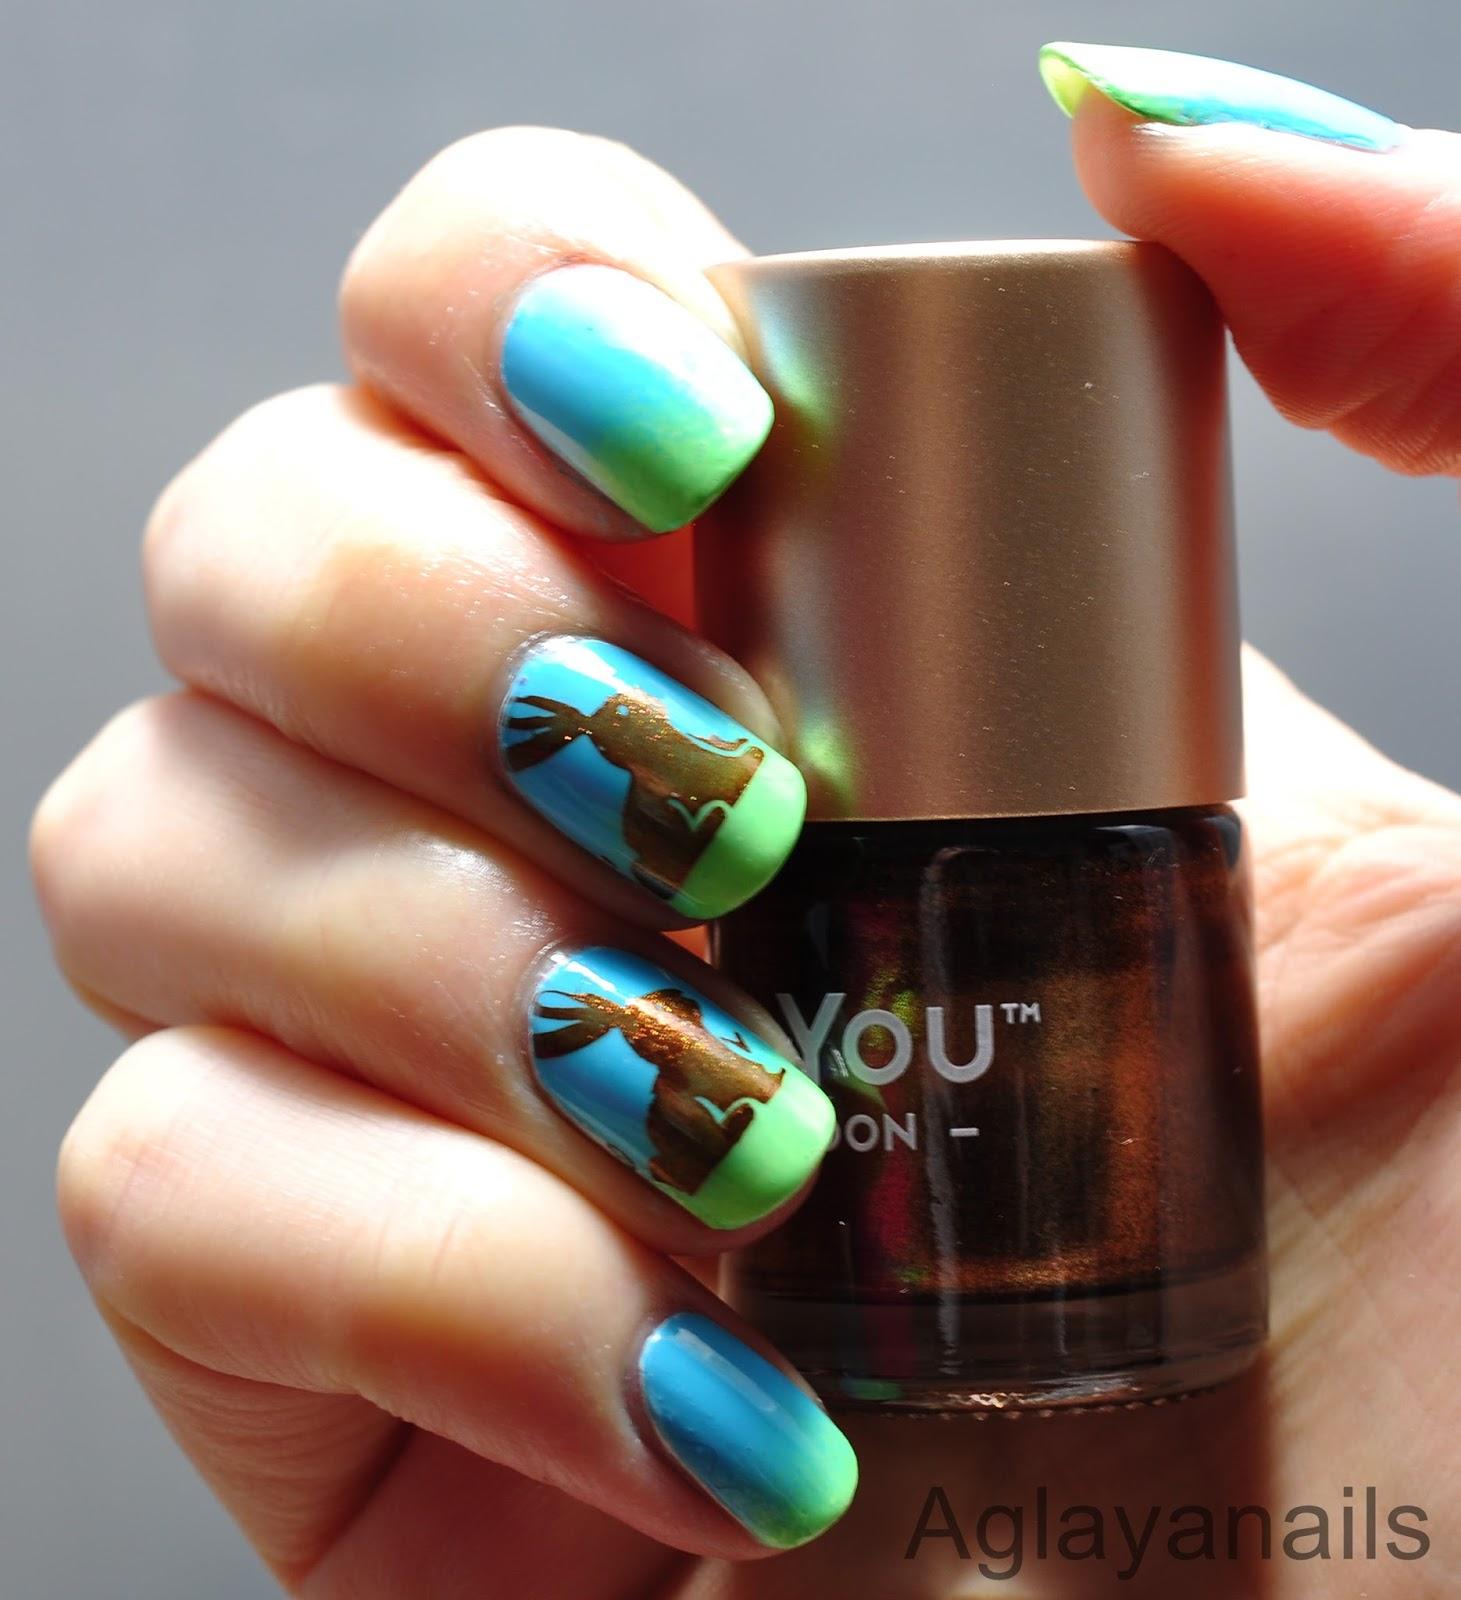 Aglayanails 26 great nail art ideas spring animals 26 great nail art ideas spring animals prinsesfo Choice Image